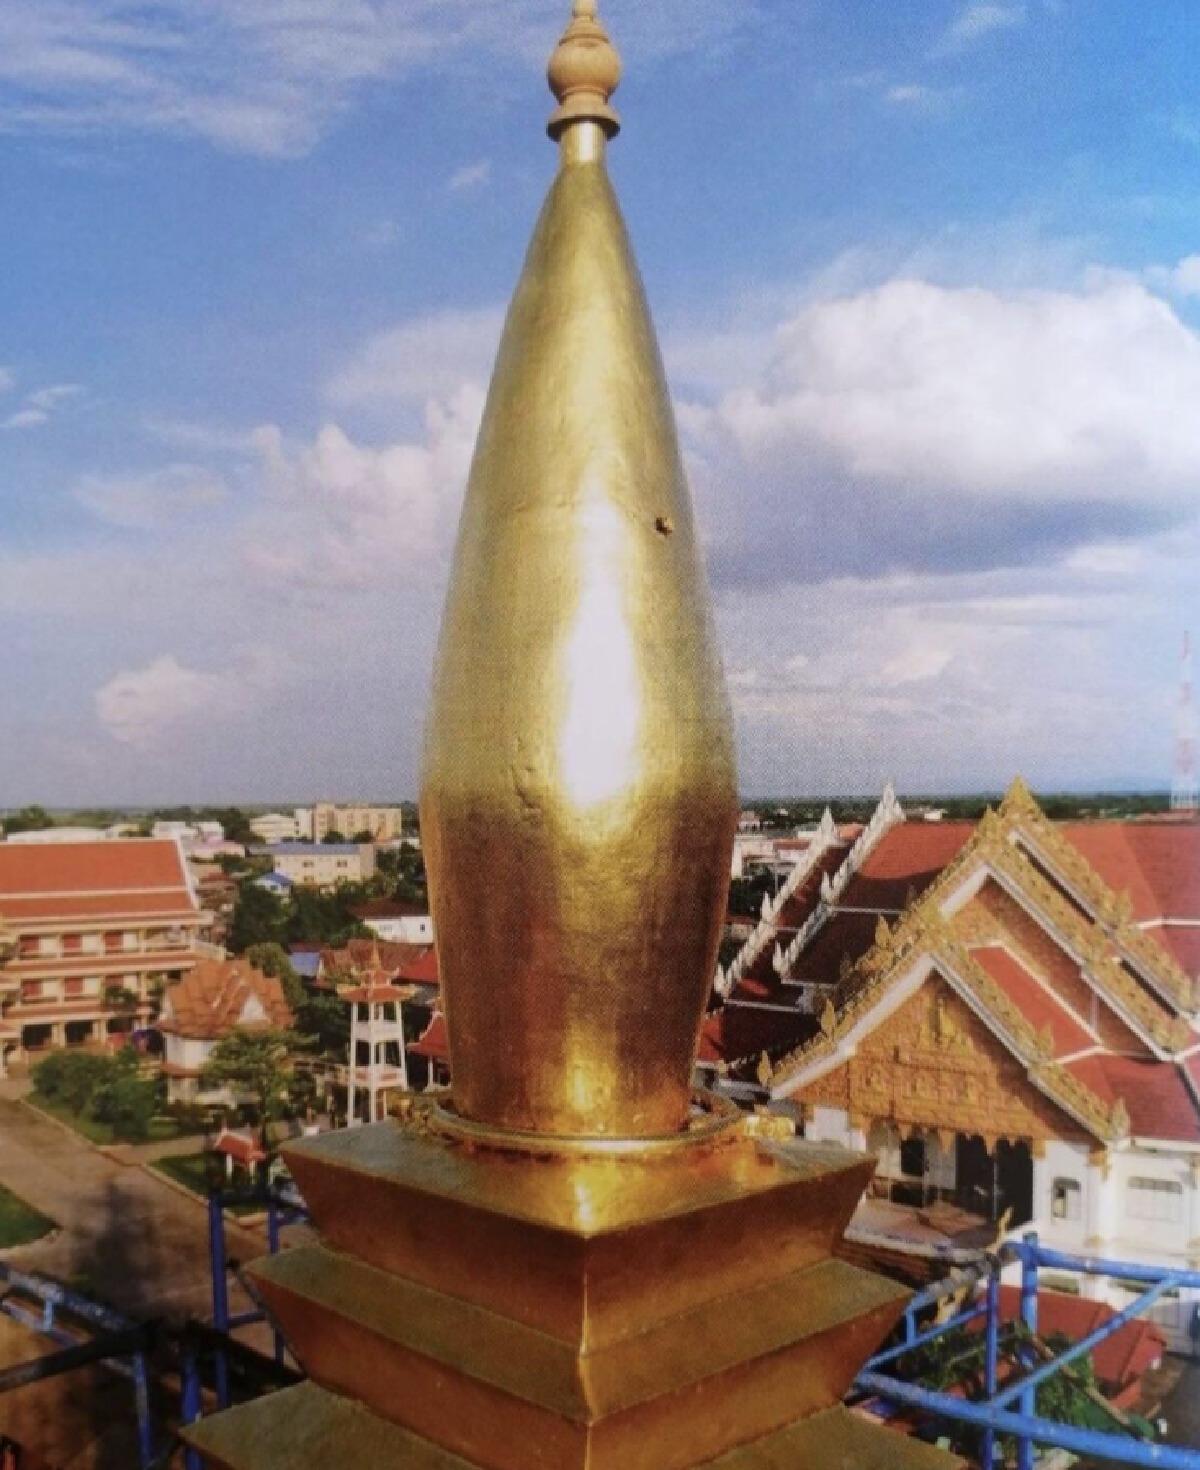 อนุโมทนาบุญ  เบลล่า ราณี สวมชุดไทย ถวายทอง สมเด็จพระสังฆราช